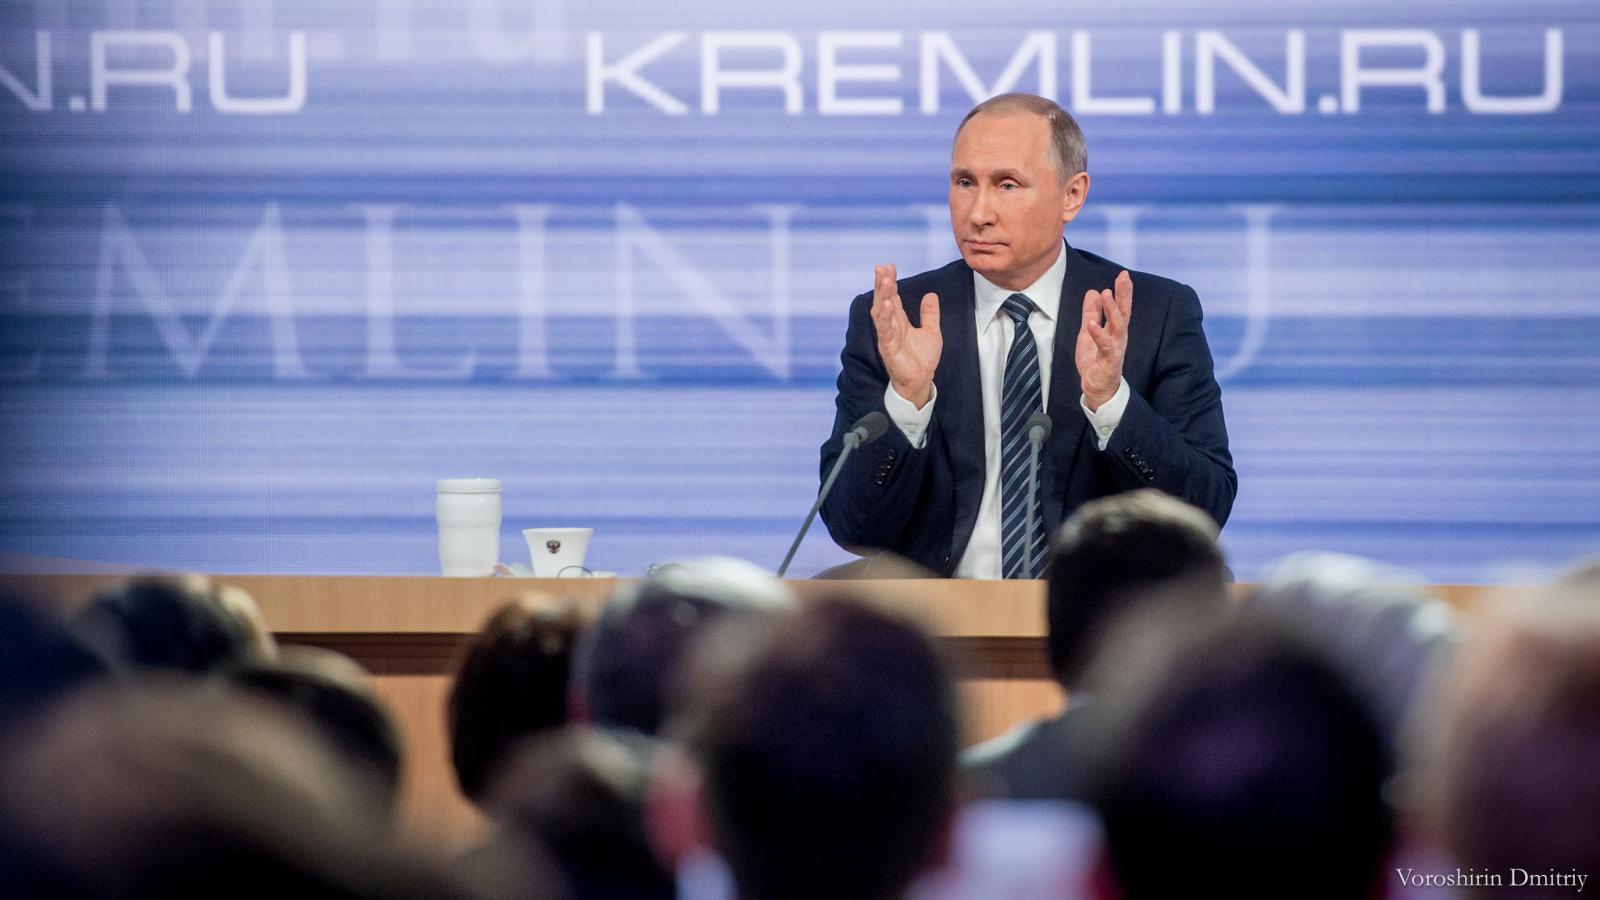 Путину доверяют: опубликован рейтинг доверия политикам